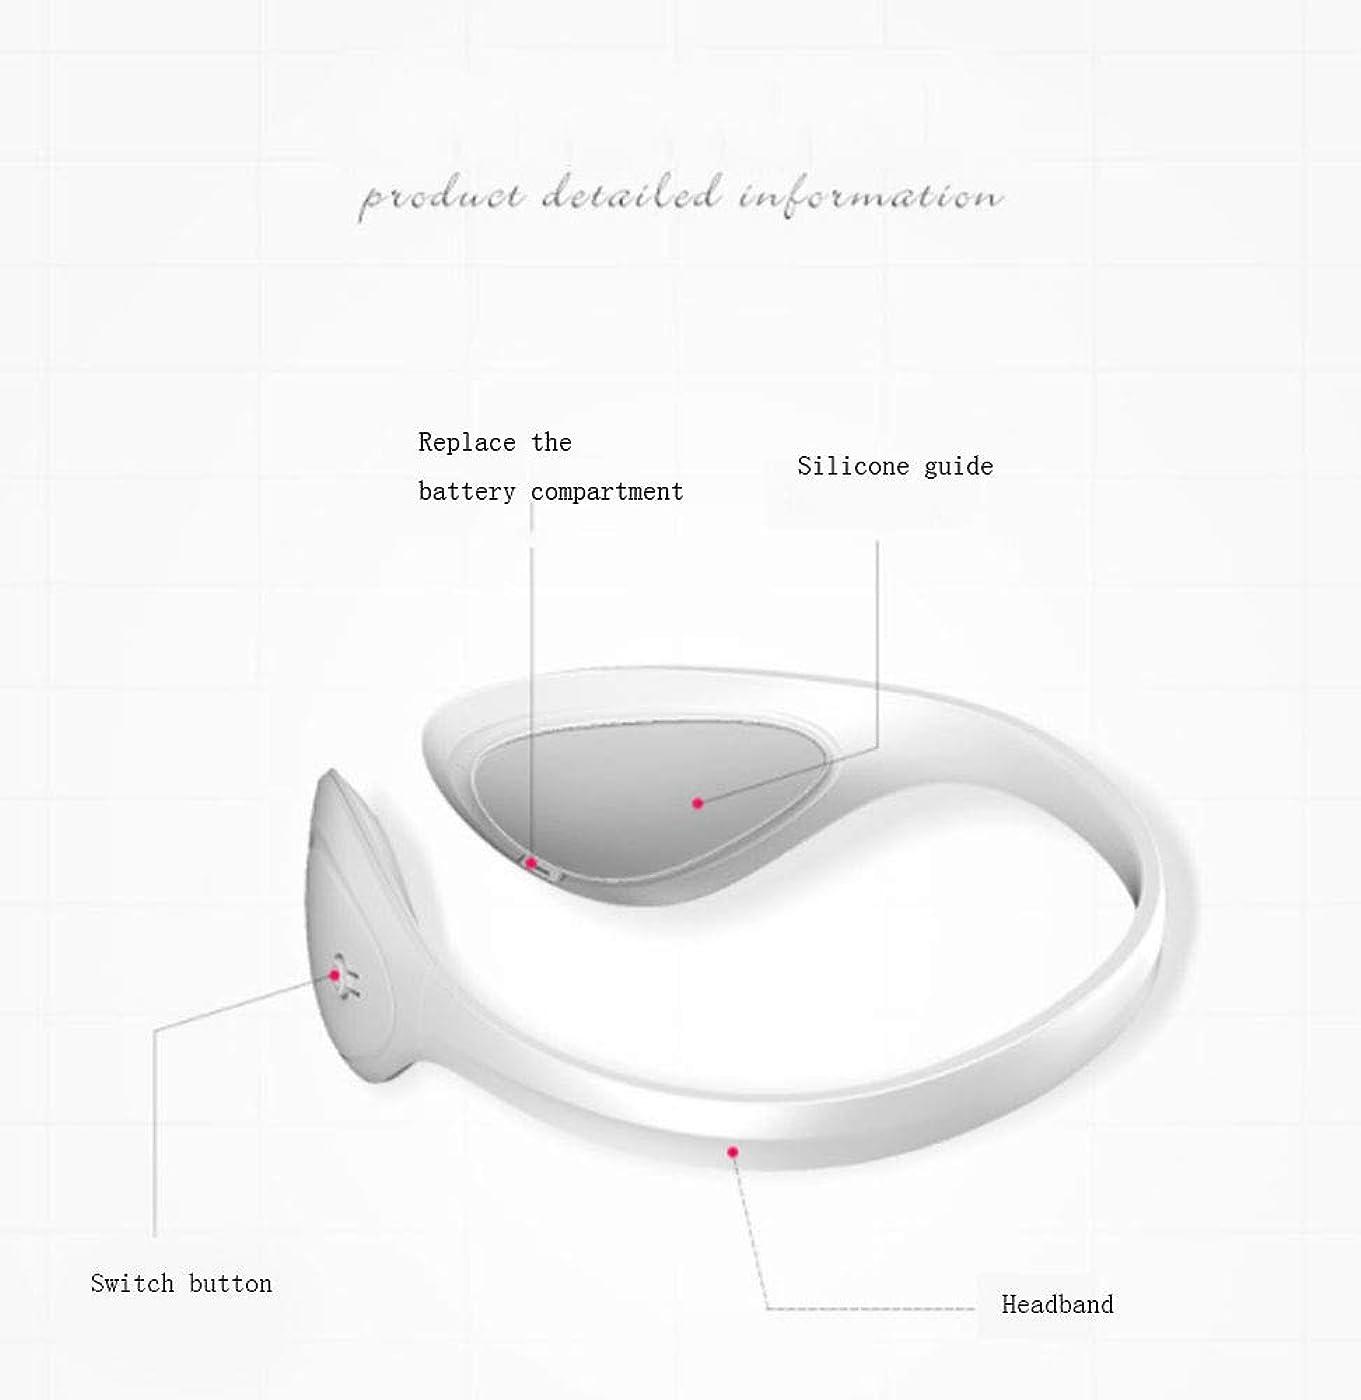 スポット推進力フライカイトLquide Sonic Beauty Instrument Face Lift Artifact V Face Bandage Mandible Mass Bone Masseter Correction Face Silicone Electric